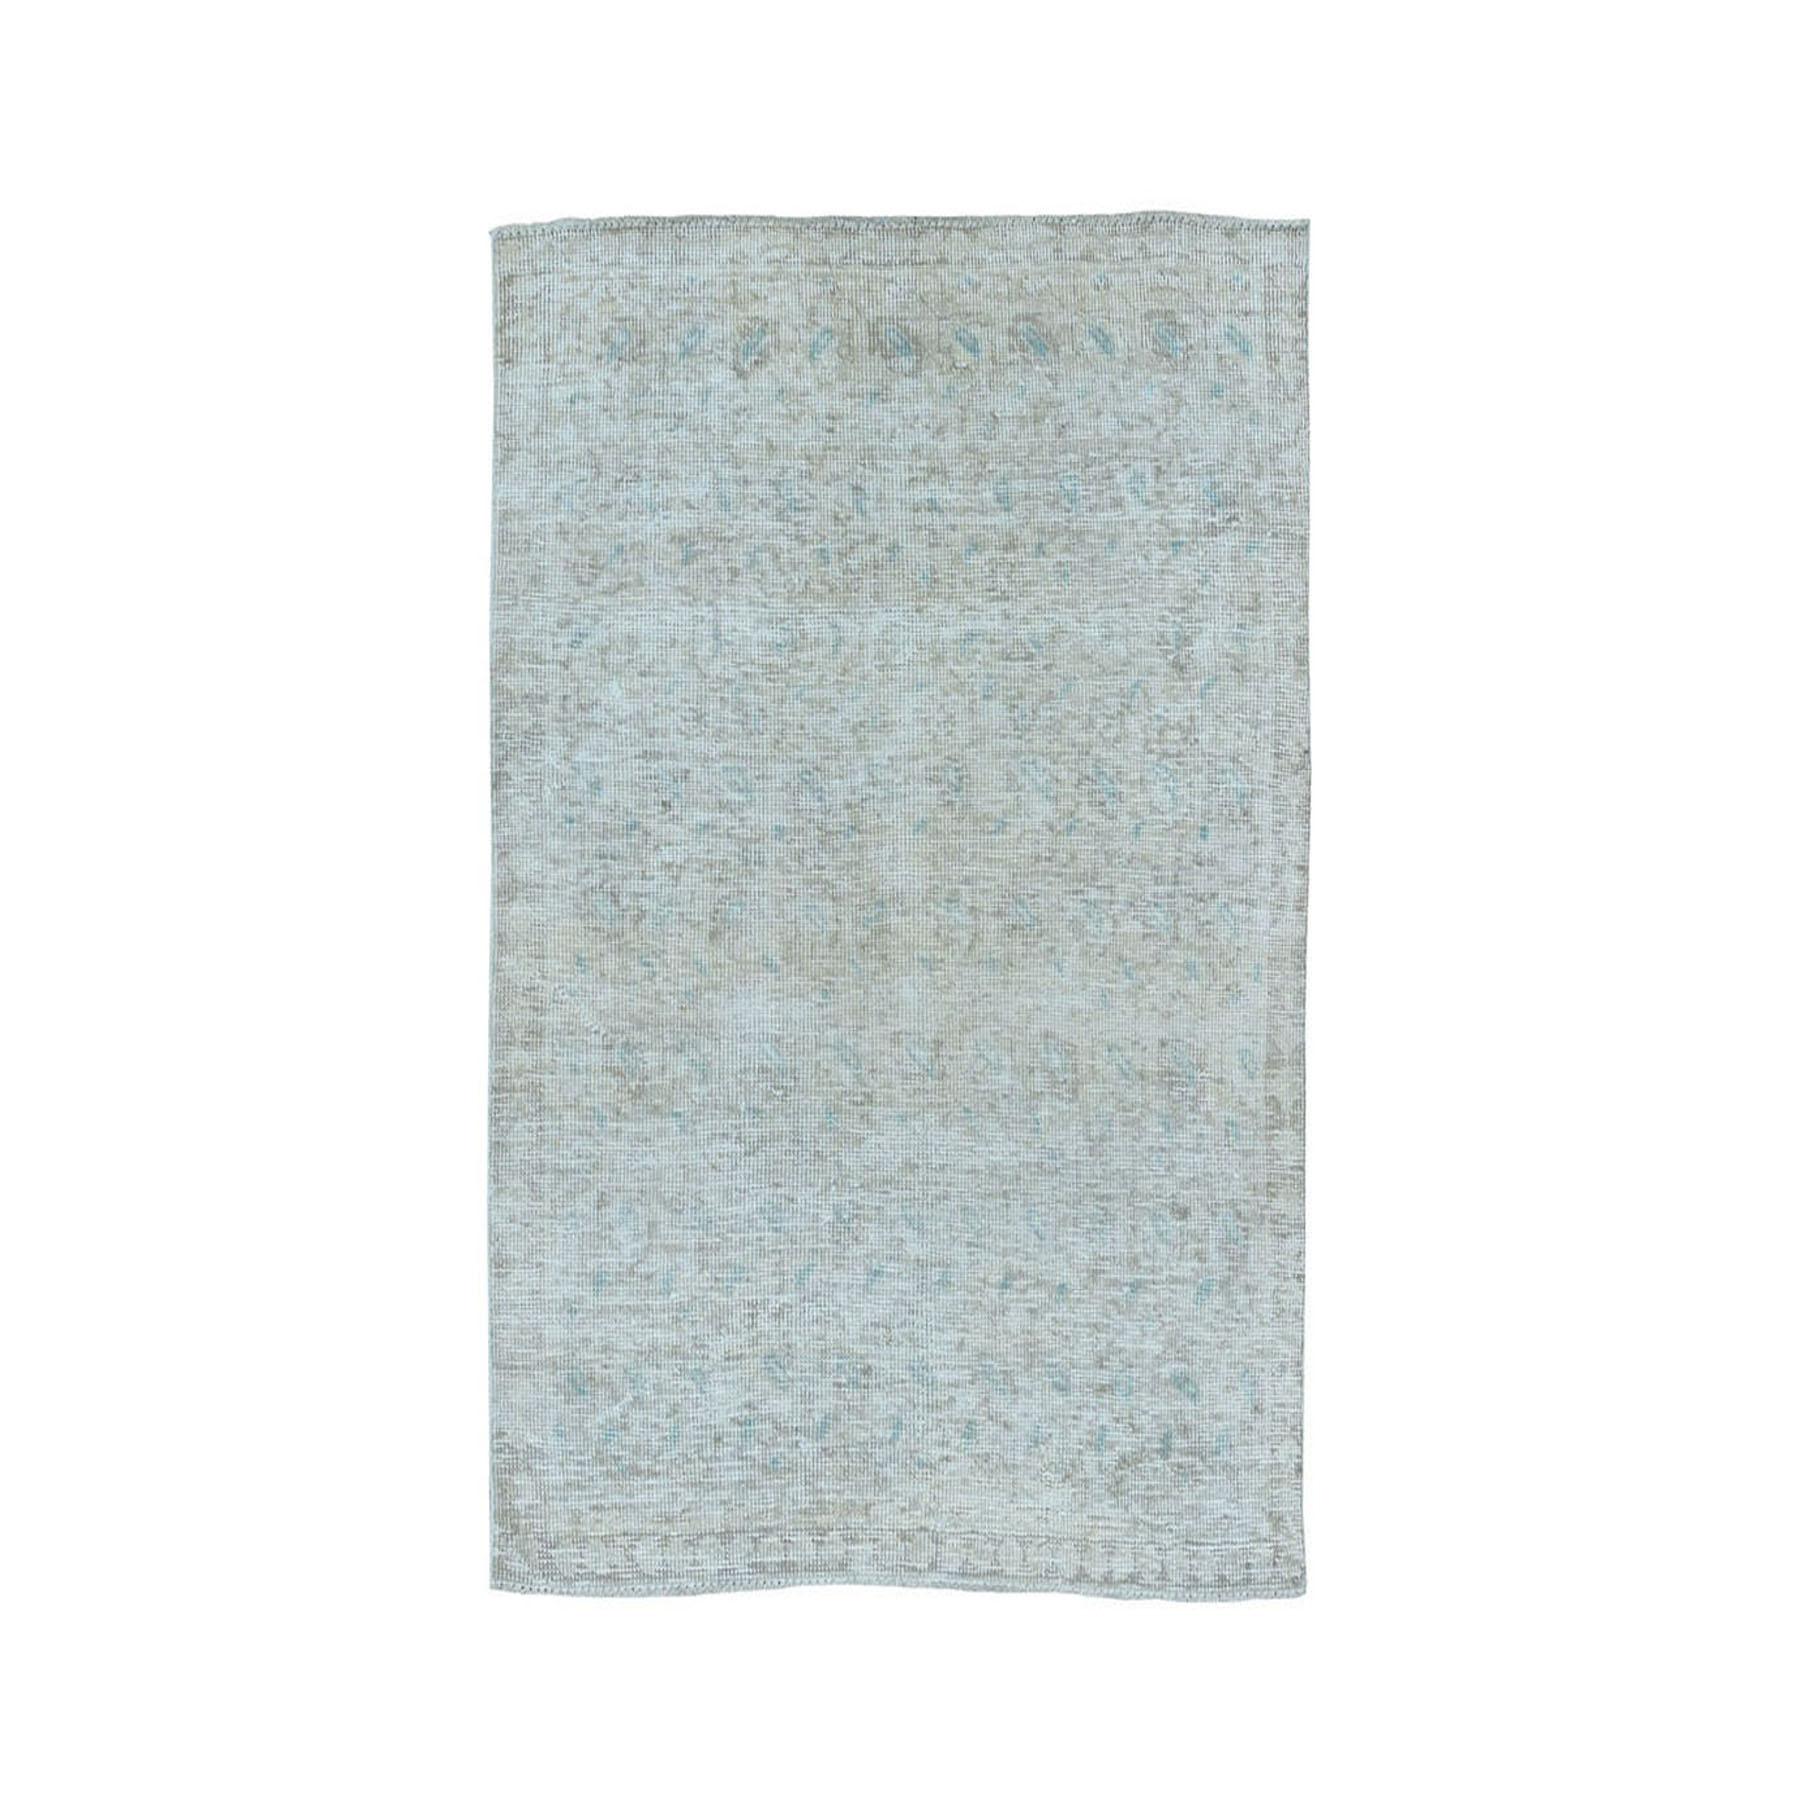 """3'1""""X4'4"""" Vintage White Wash Tabriz Worn Wool Hand-Knotted Oriental Rug moae07bc"""